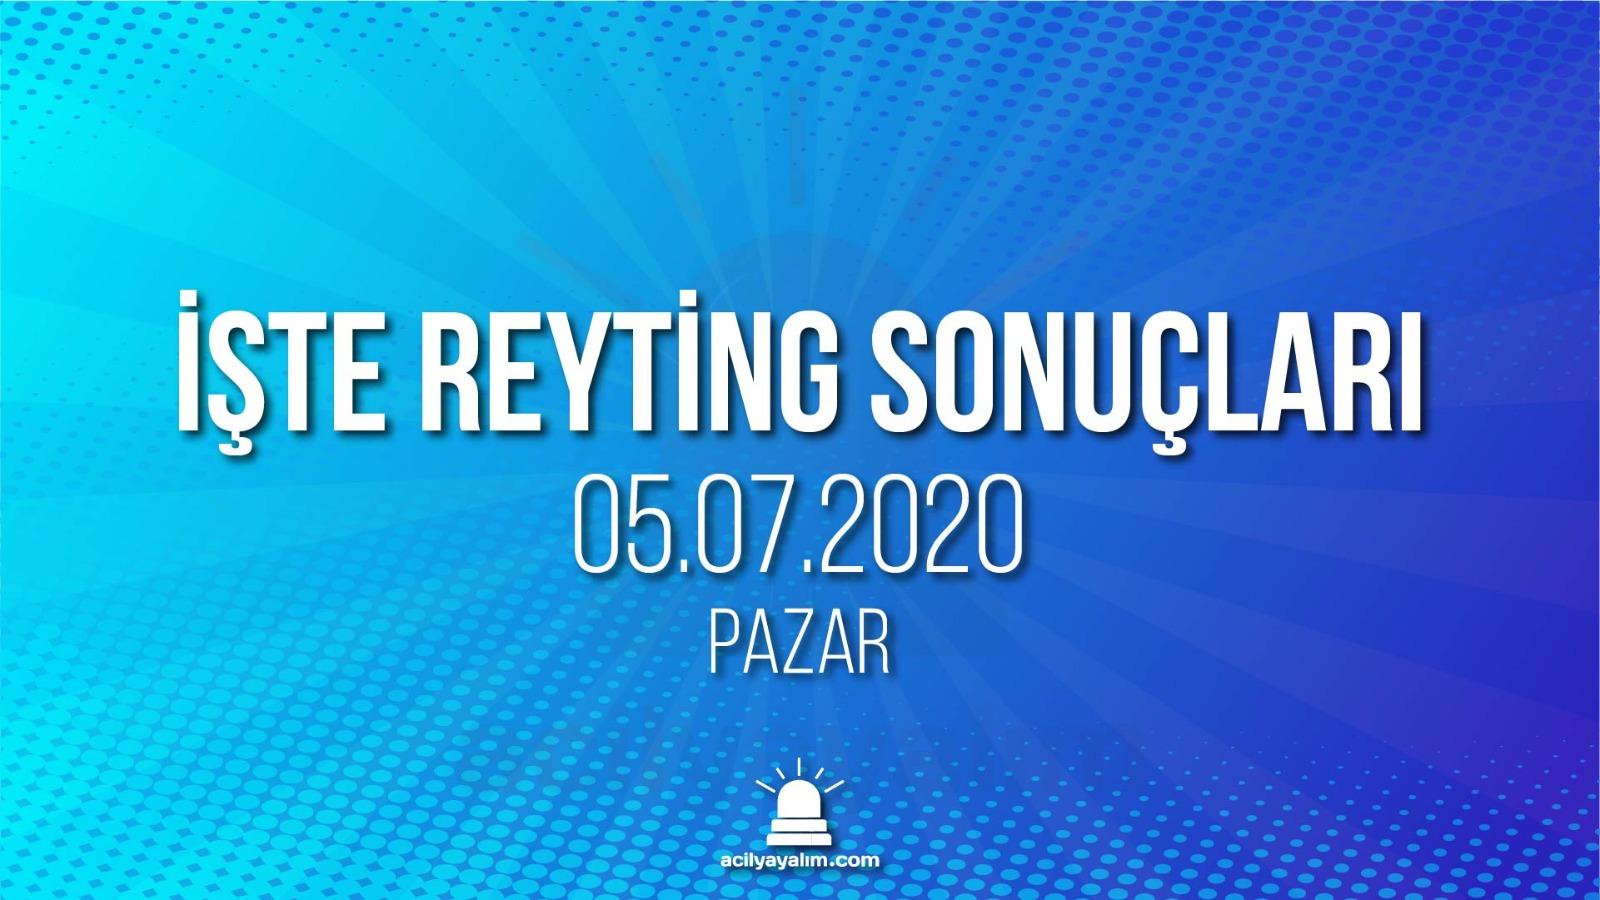 5 Temmuz 2020 Pazar reyting sonuçları